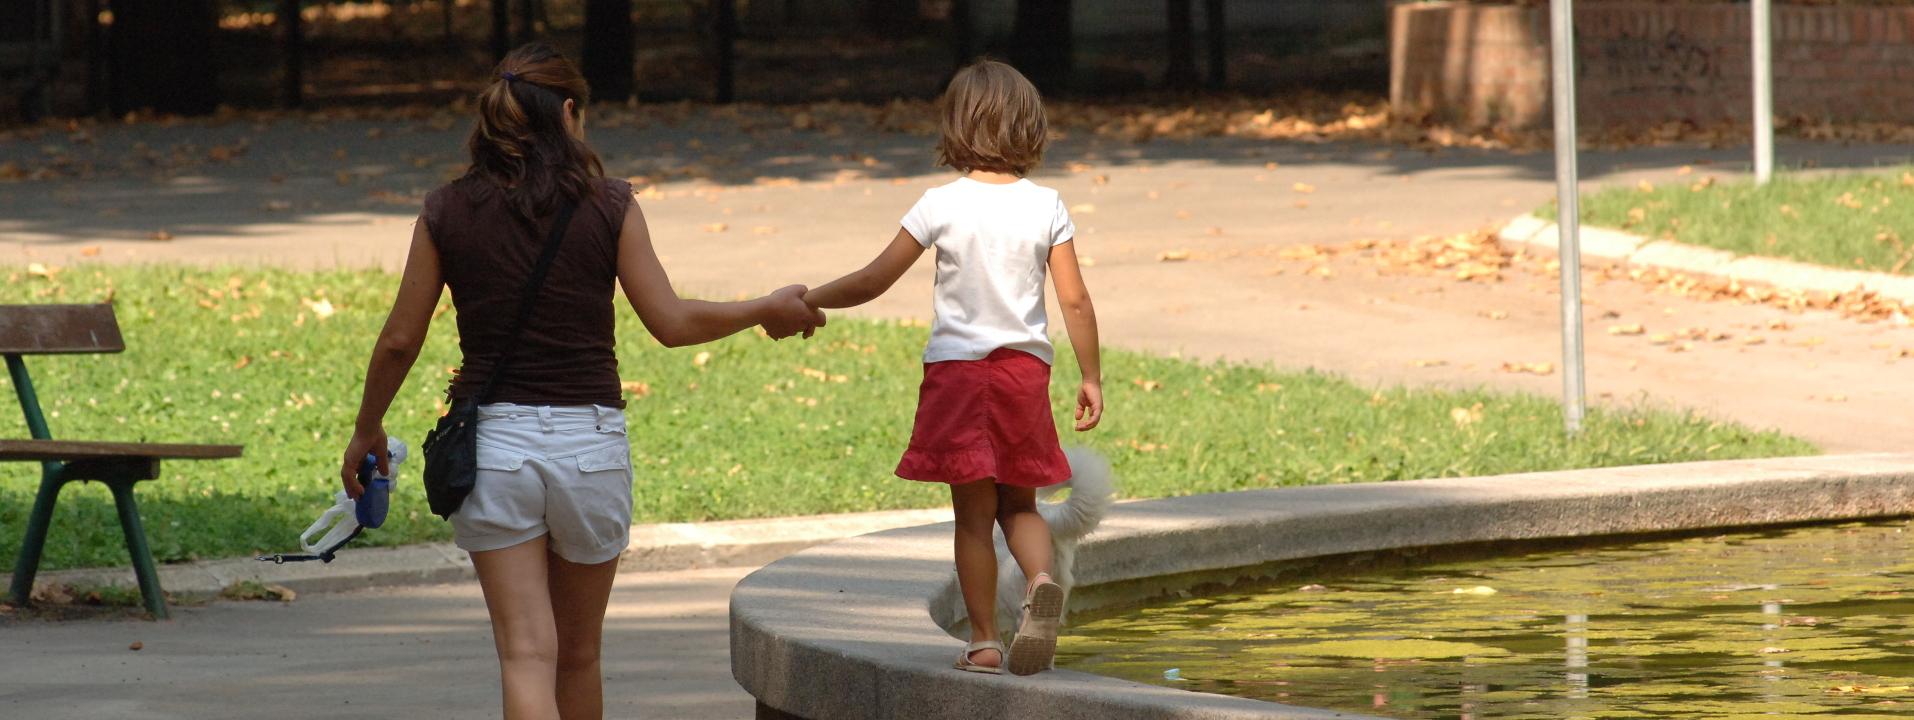 Immagine di una bimba a passeggio